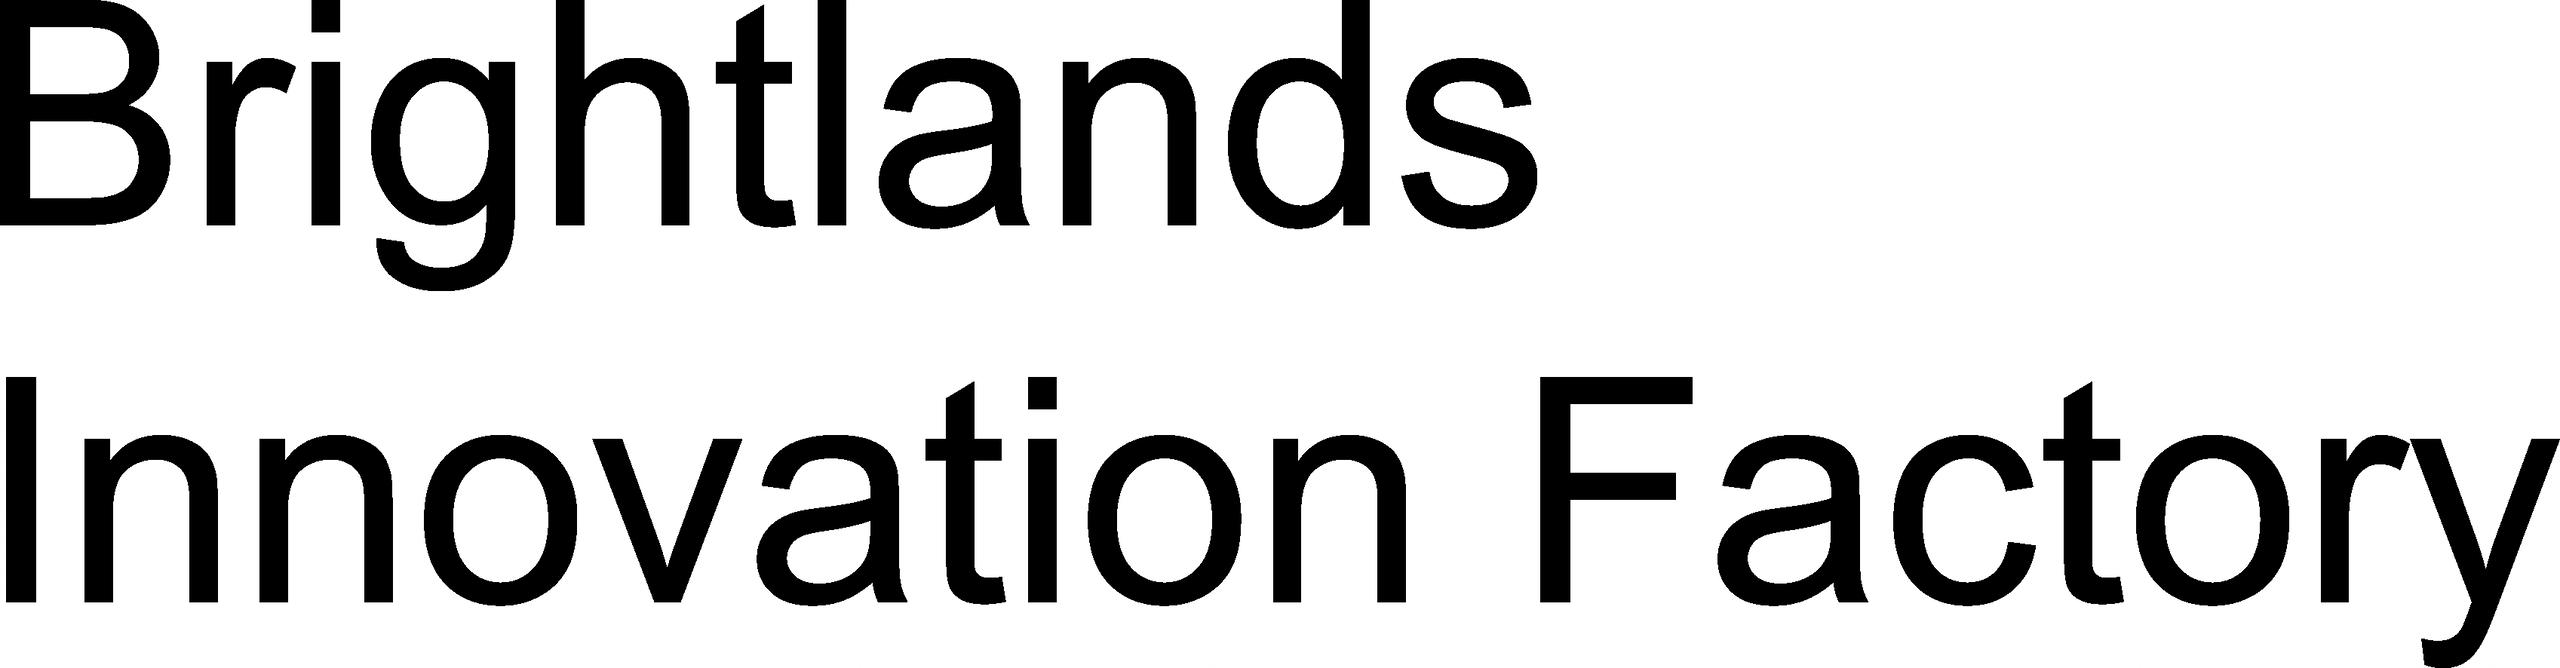 Brightlands Innovation Factory